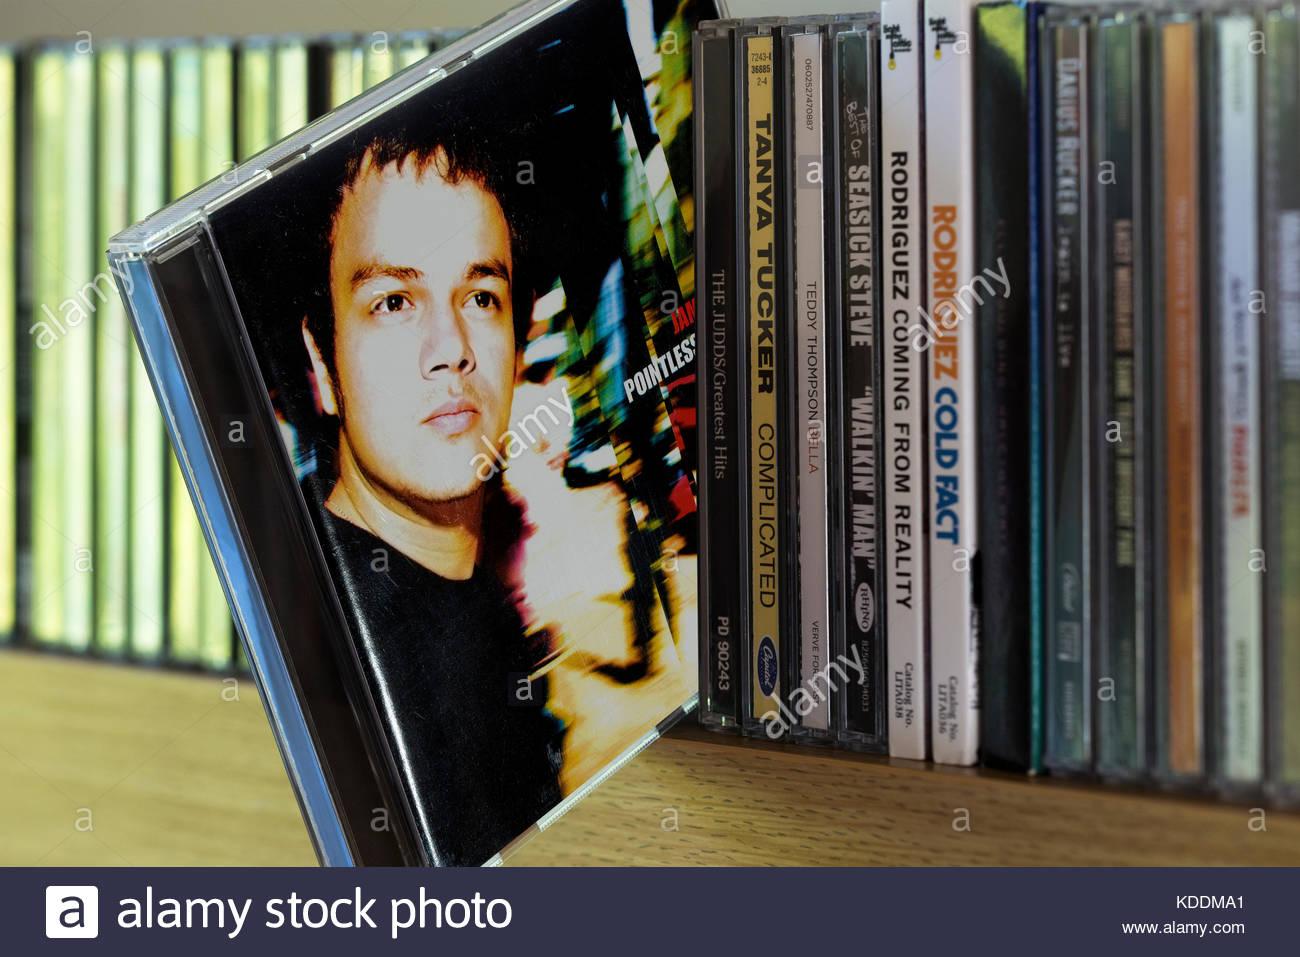 Sinnlos Nostalgischen, Jamie Cullum CD zog sich von den anderen CD's auf einem Regal, Dorset, England Stockbild